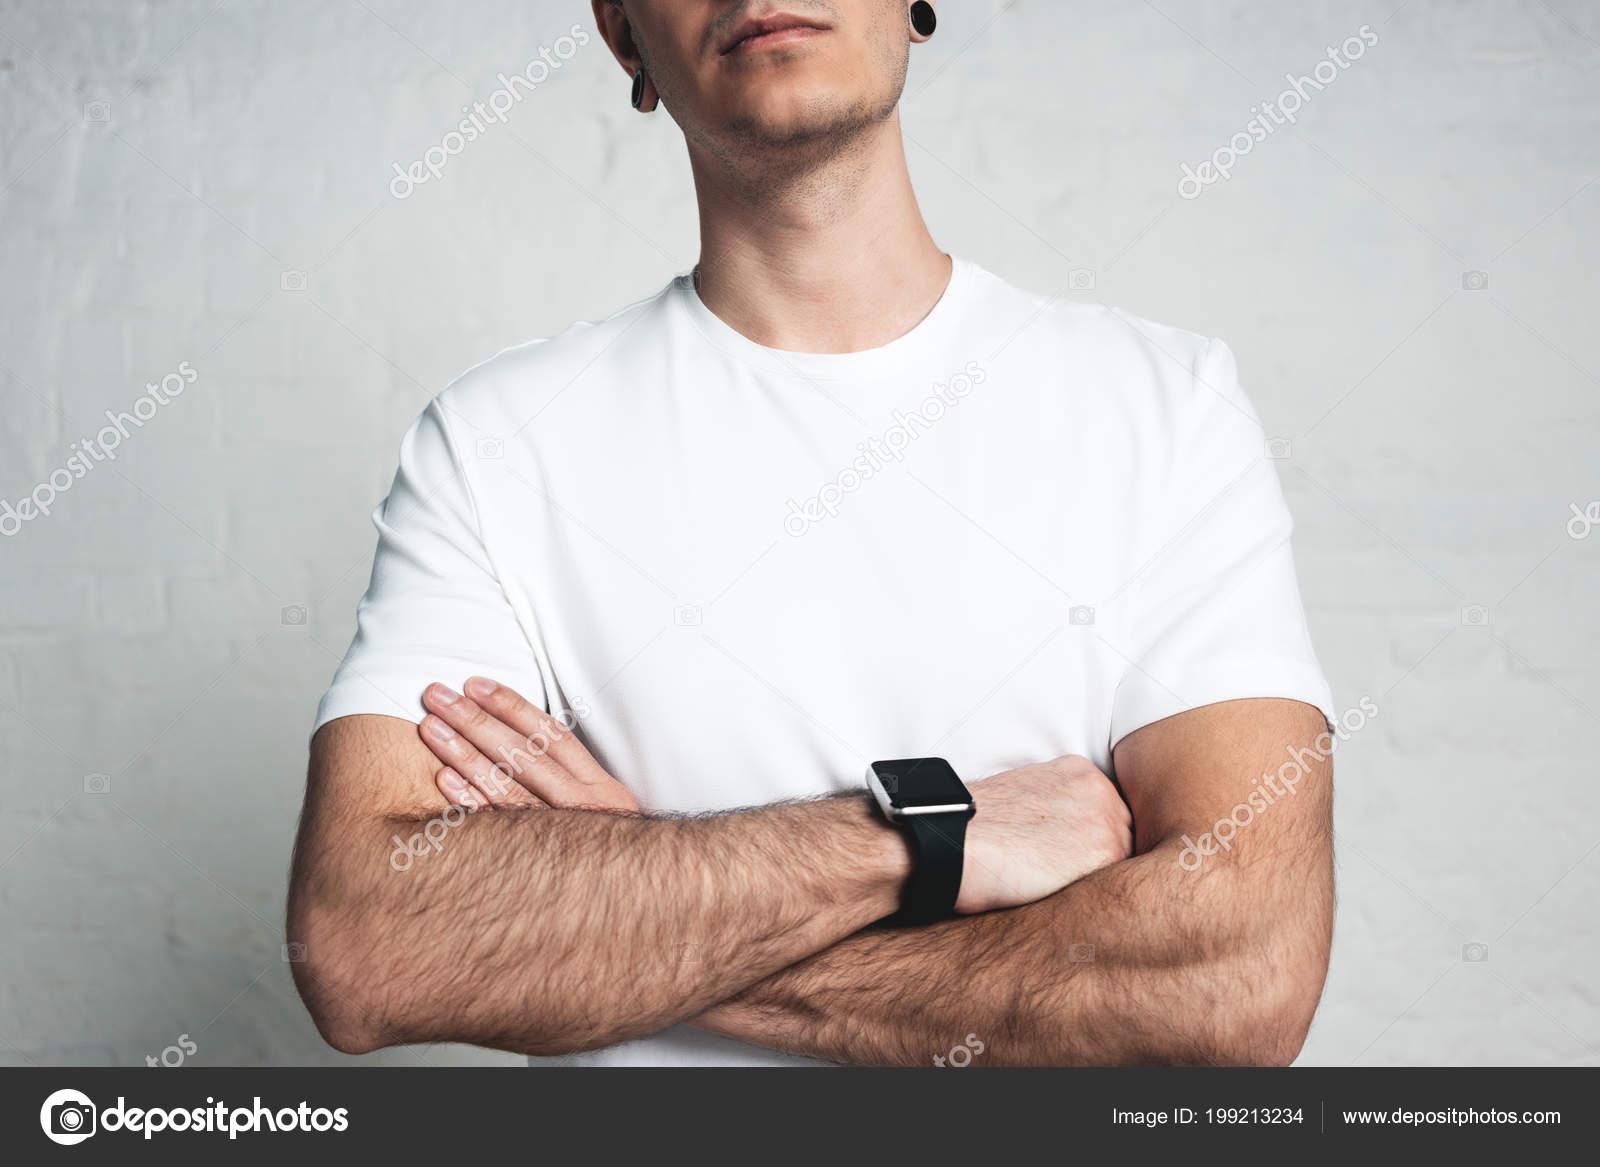 157b3371ca603 Joven Atlético Vistiendo Camiseta Blanca Blanco Elegante Reloj Pared Vacía  — Fotos de Stock